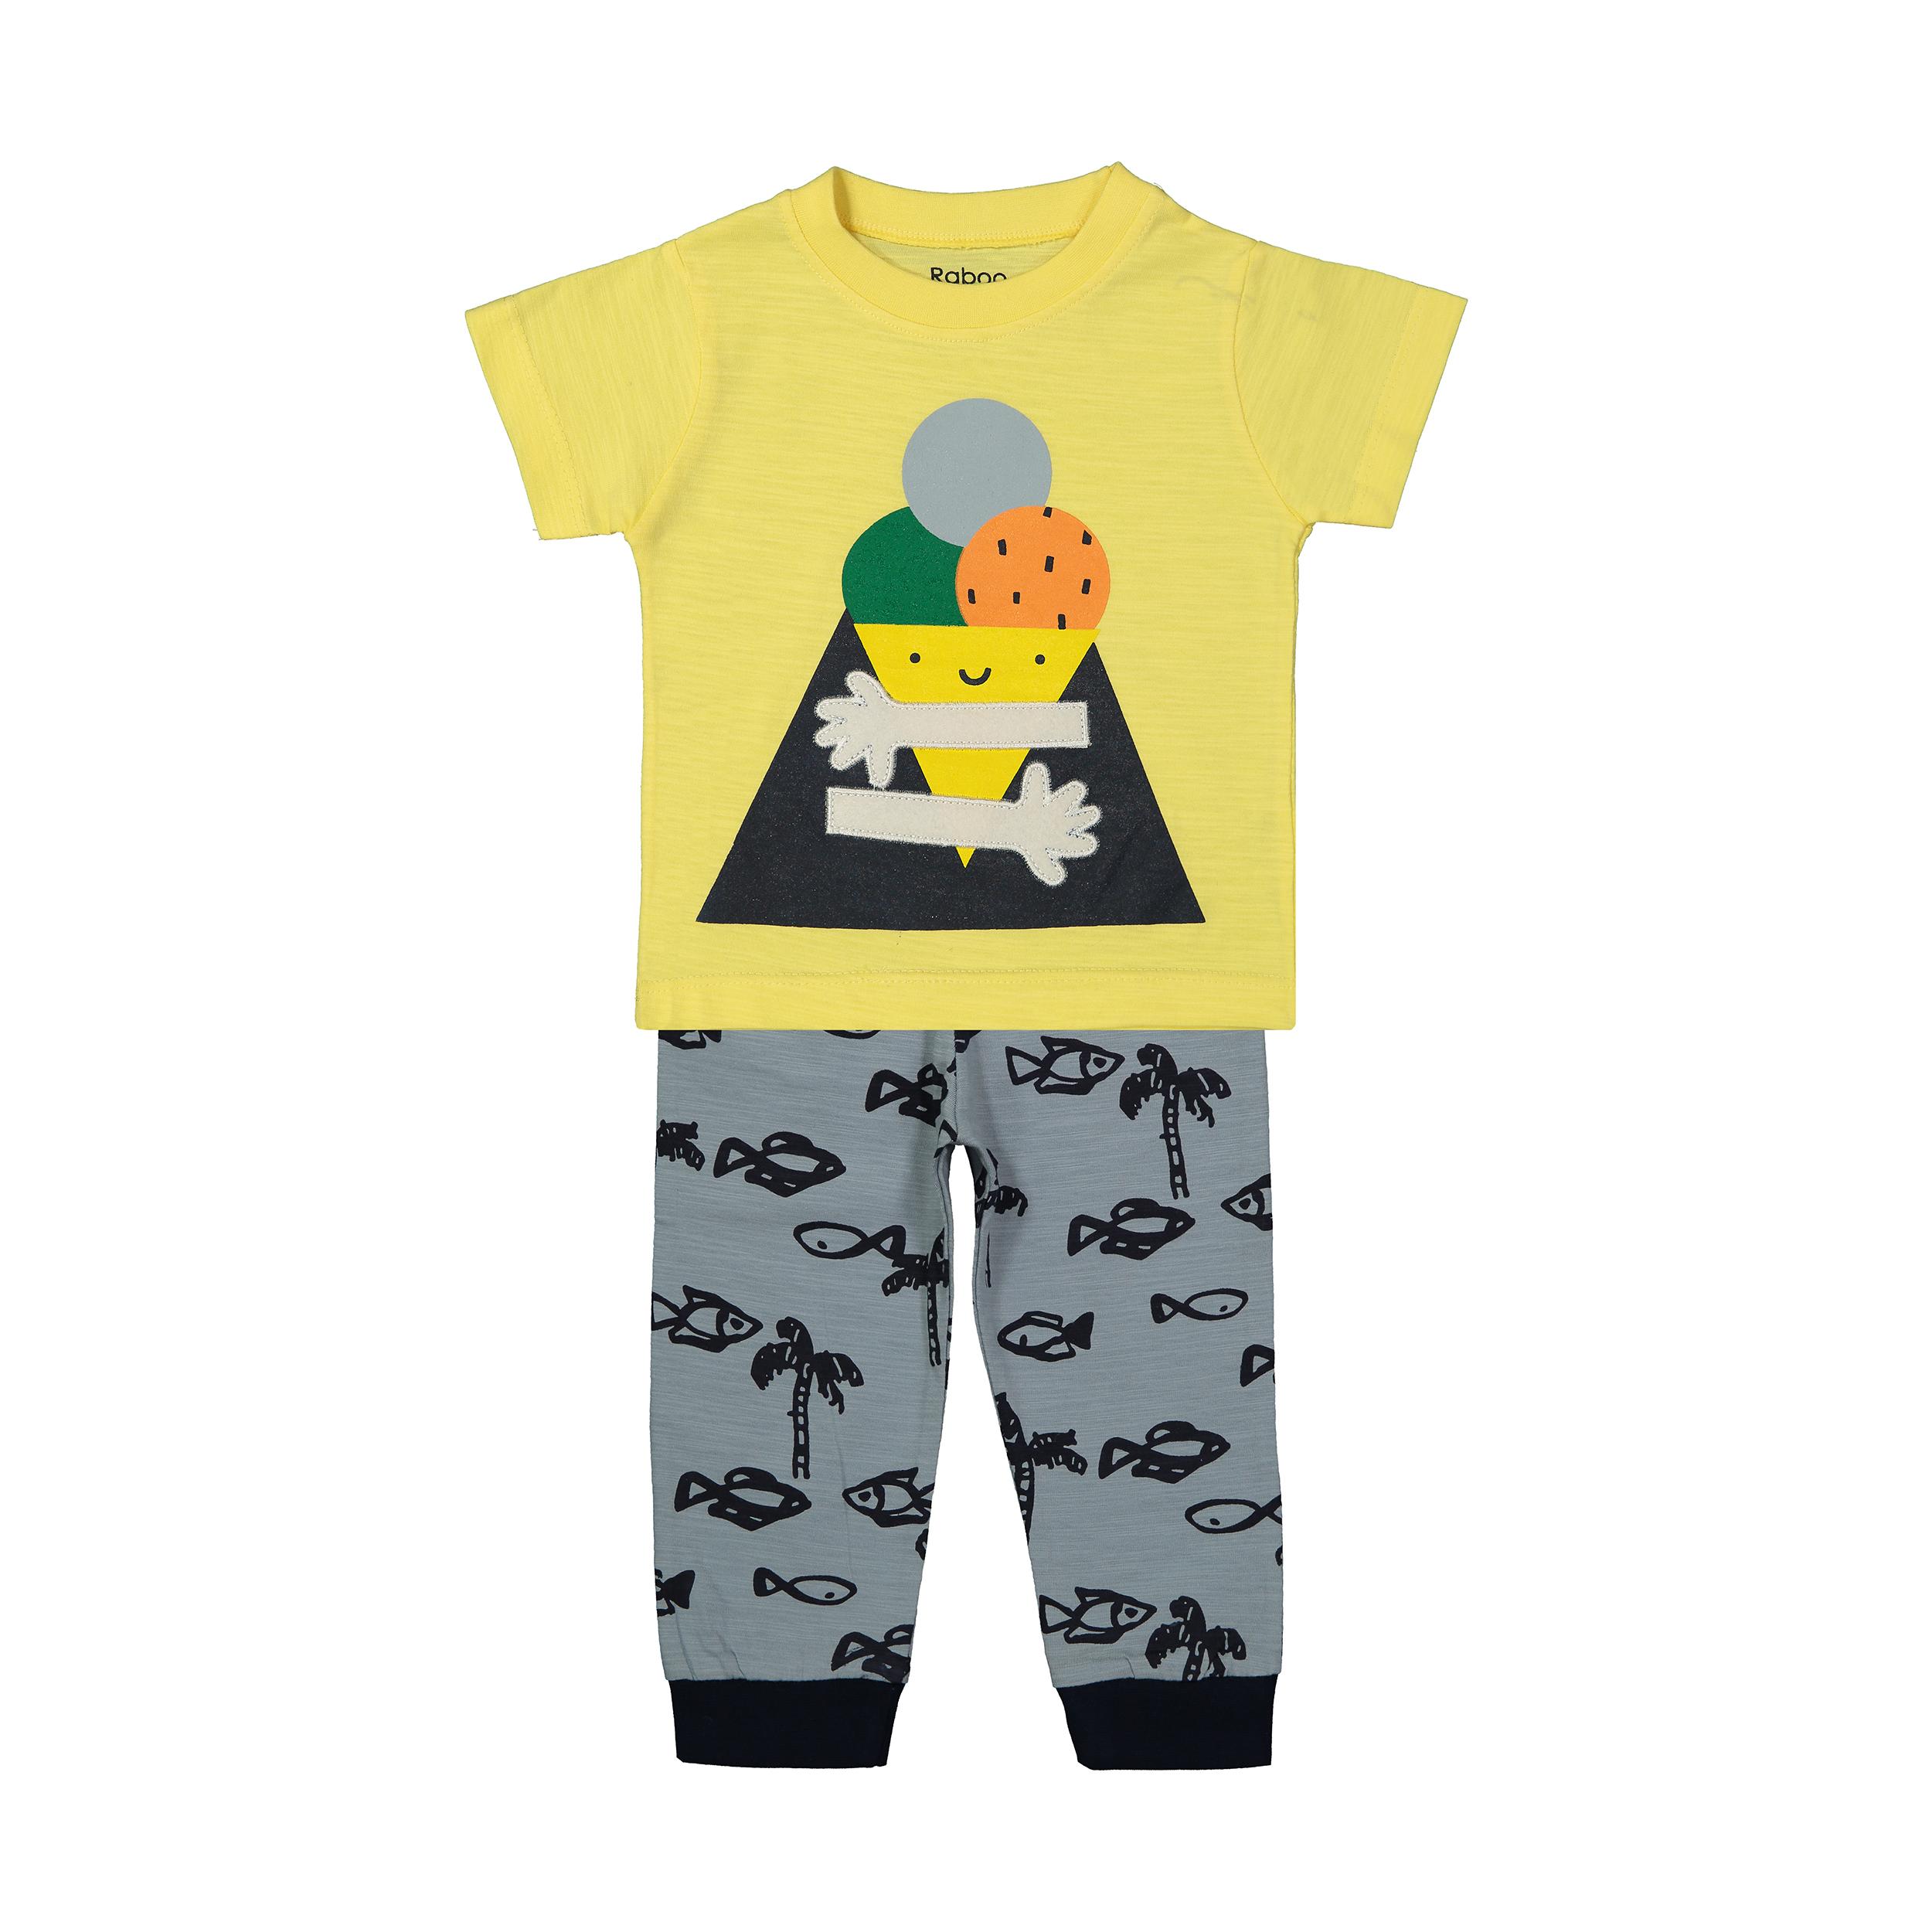 ست تی شرت و شلوار دخترانه رابو مدل 2051122-11